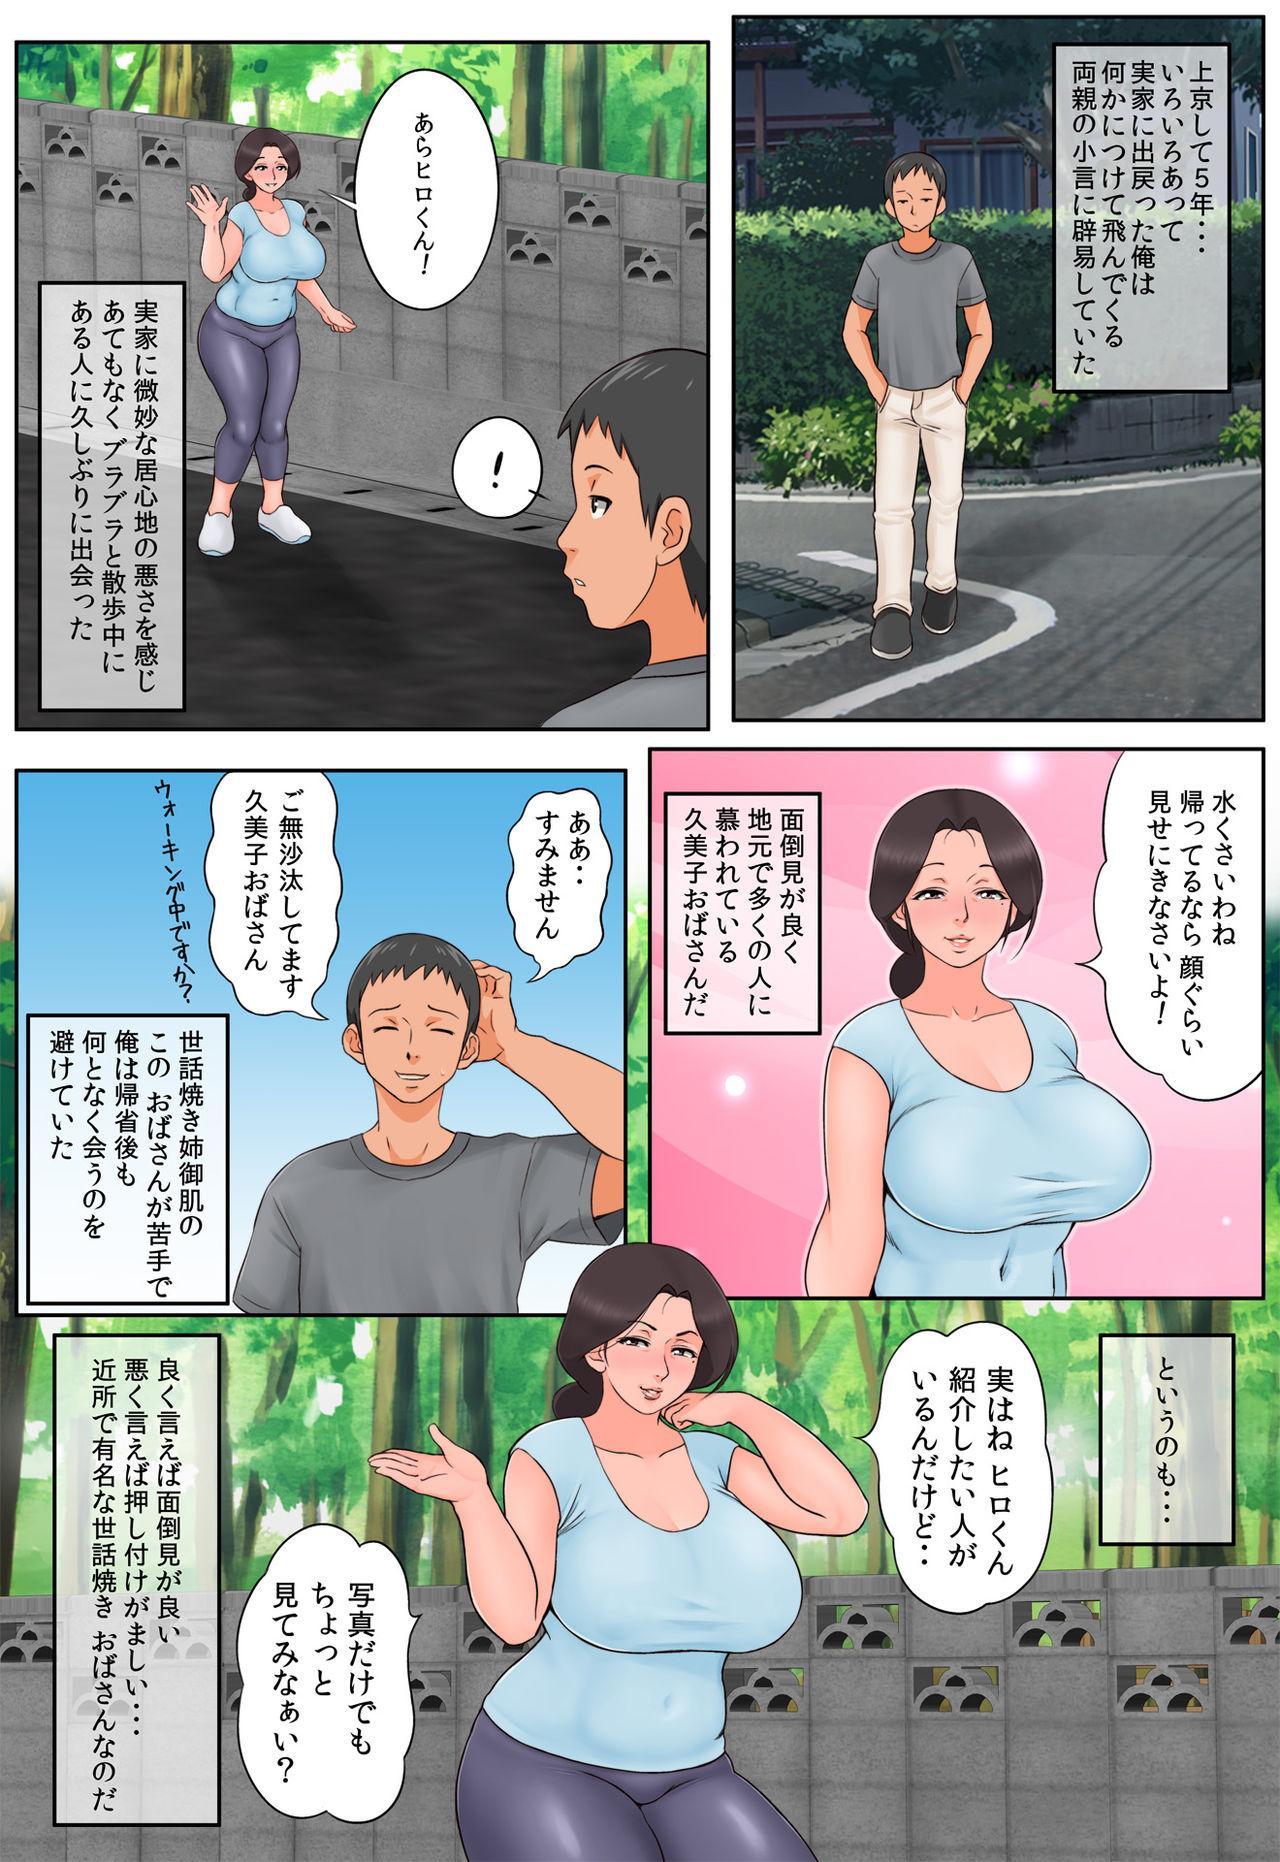 Chiisai koro kara Osewa ni natte iru Kinjo no Oba-san o Otoshite Tanetsuke! 2